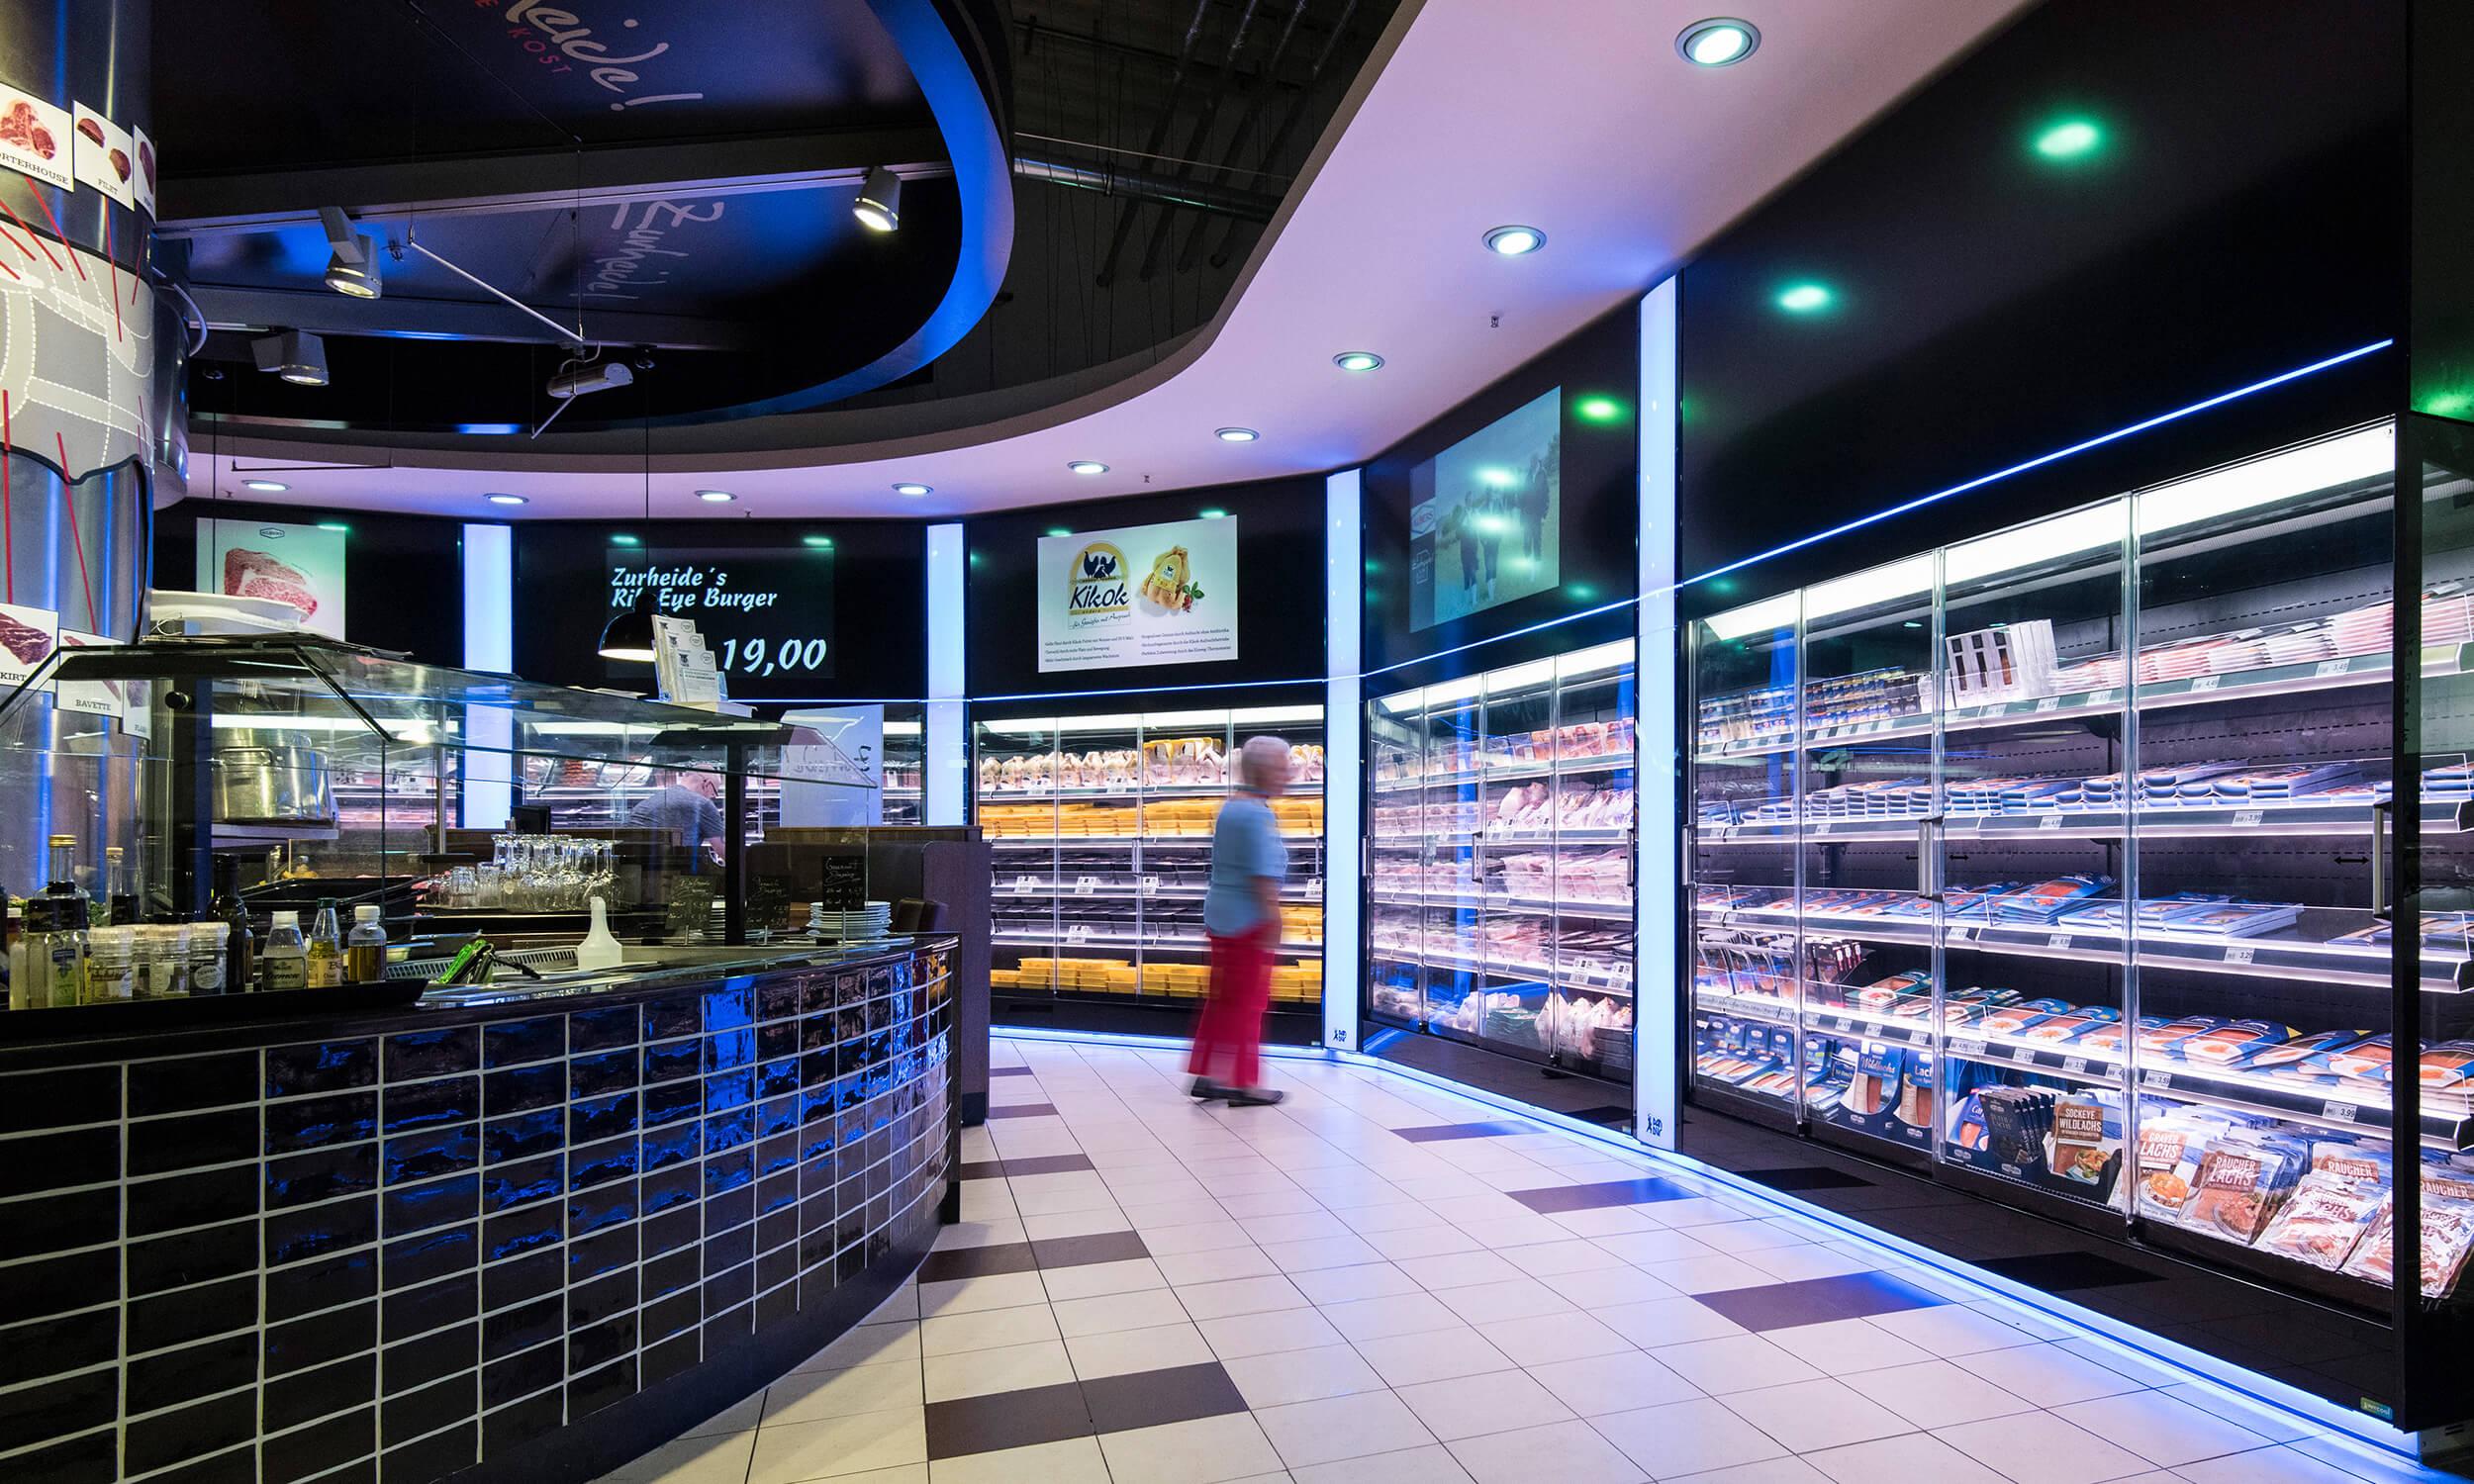 Zurheide Center Düsseldorf Nürnberger Straße — Zurheide Feine Kost